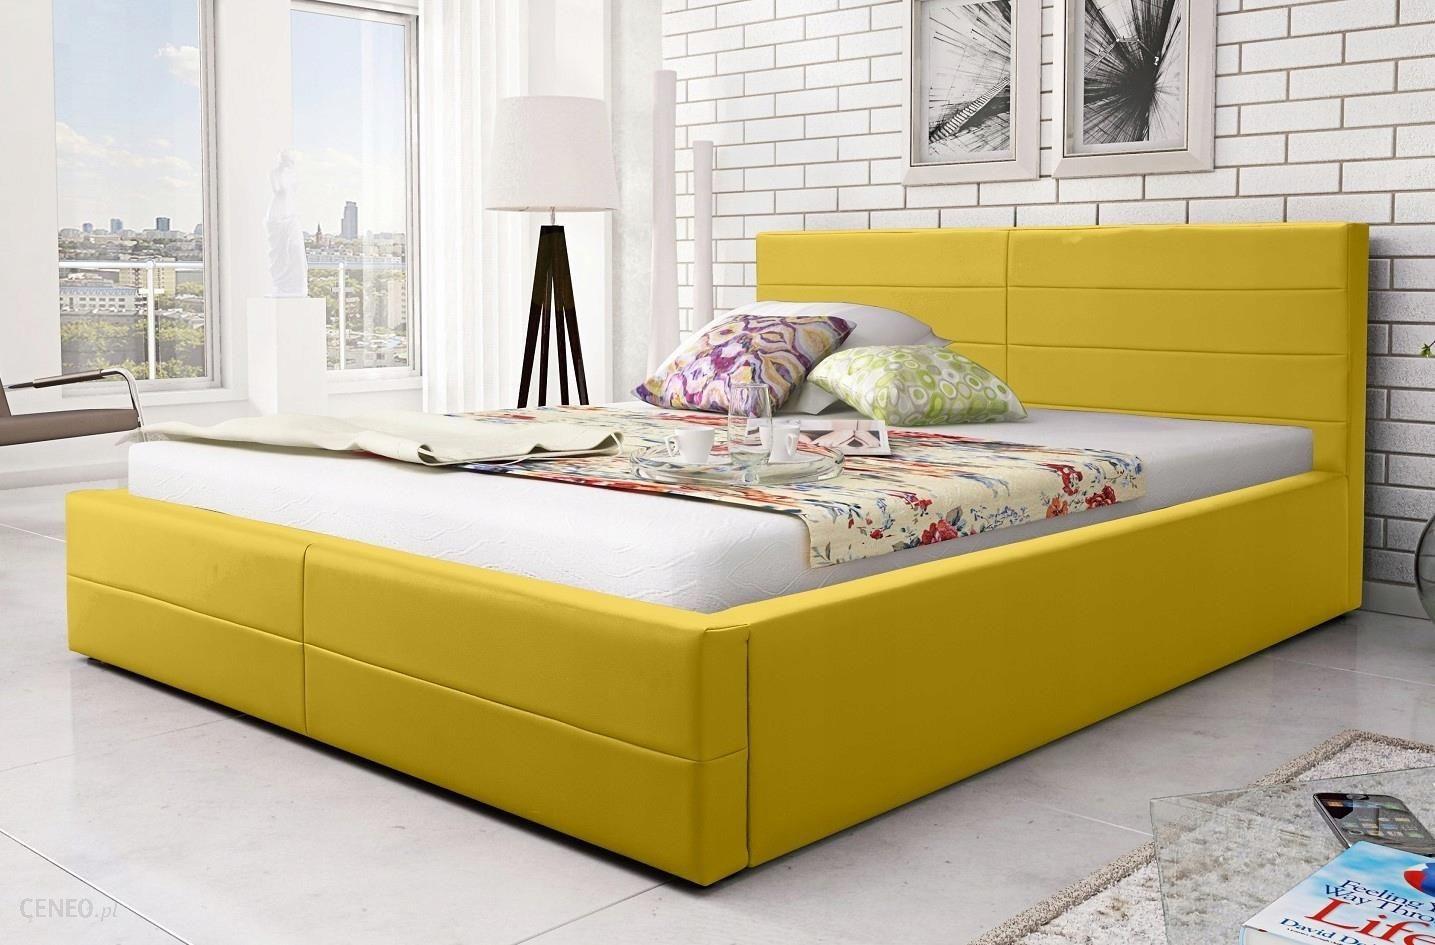 łóżko 200x200 Tapicerowane łoże Sypialniane Meble Opinie I Atrakcyjne Ceny Na Ceneopl